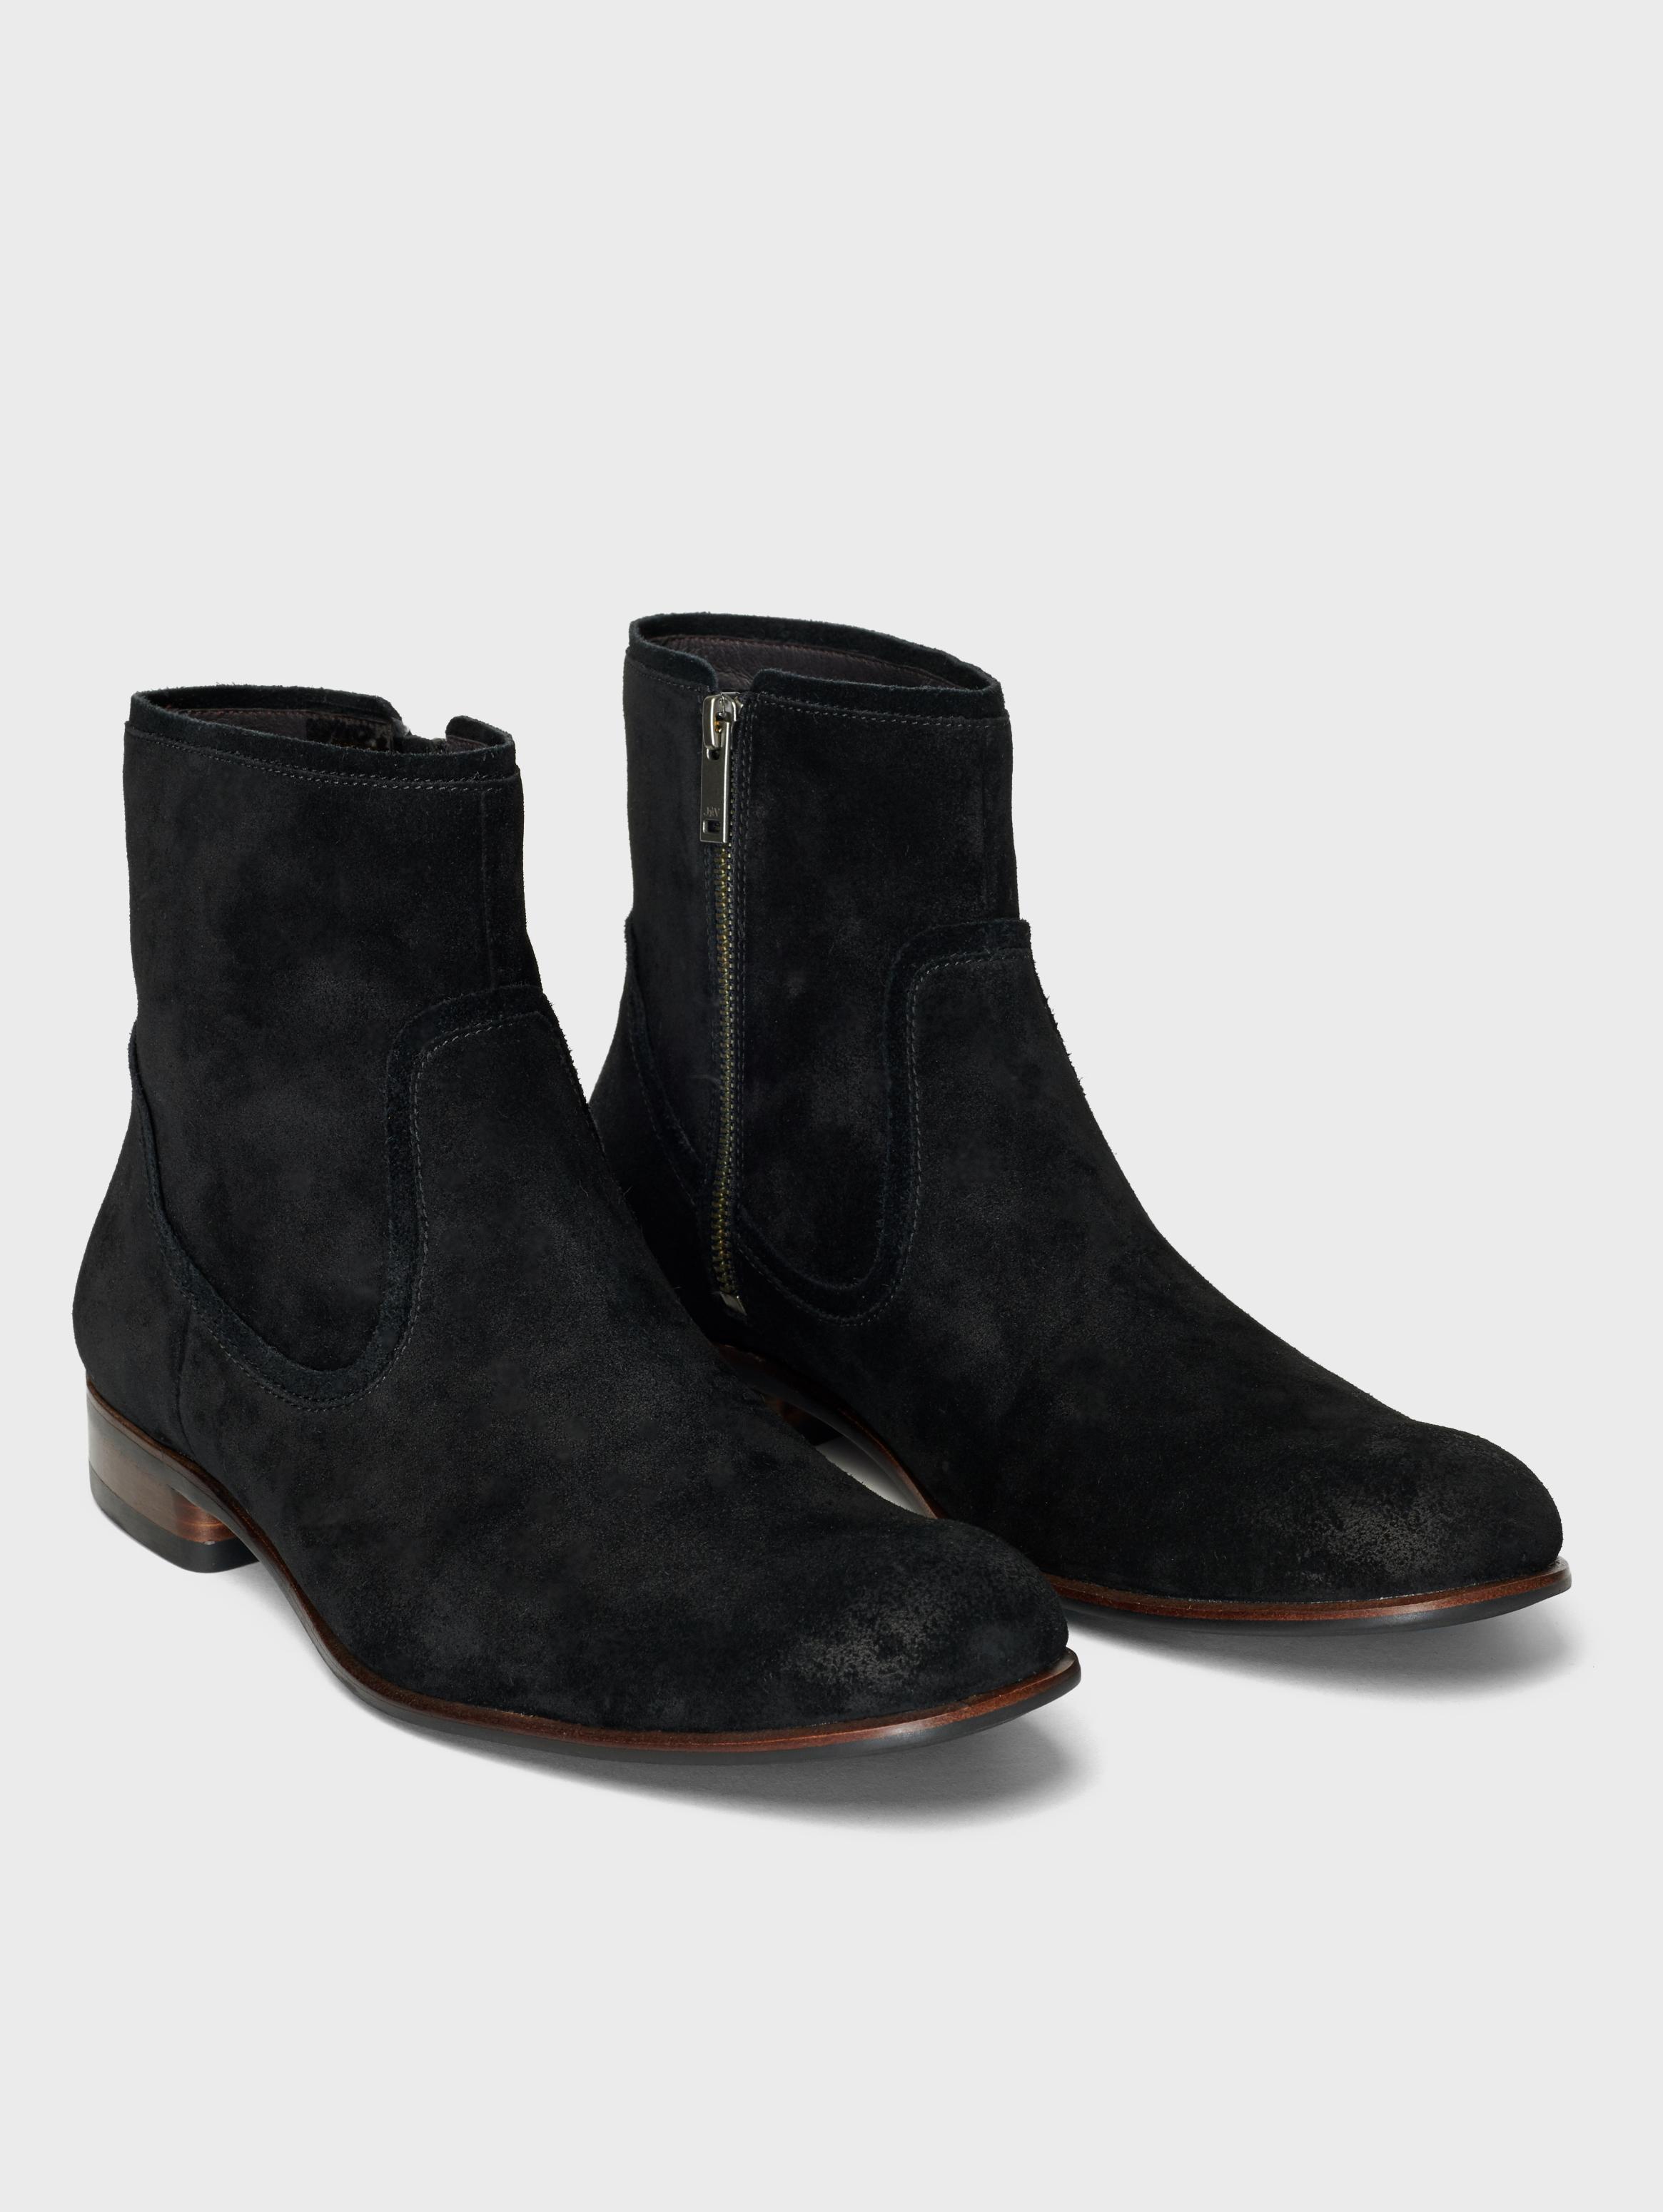 John Varvatos Seagher Zip Boots Coal